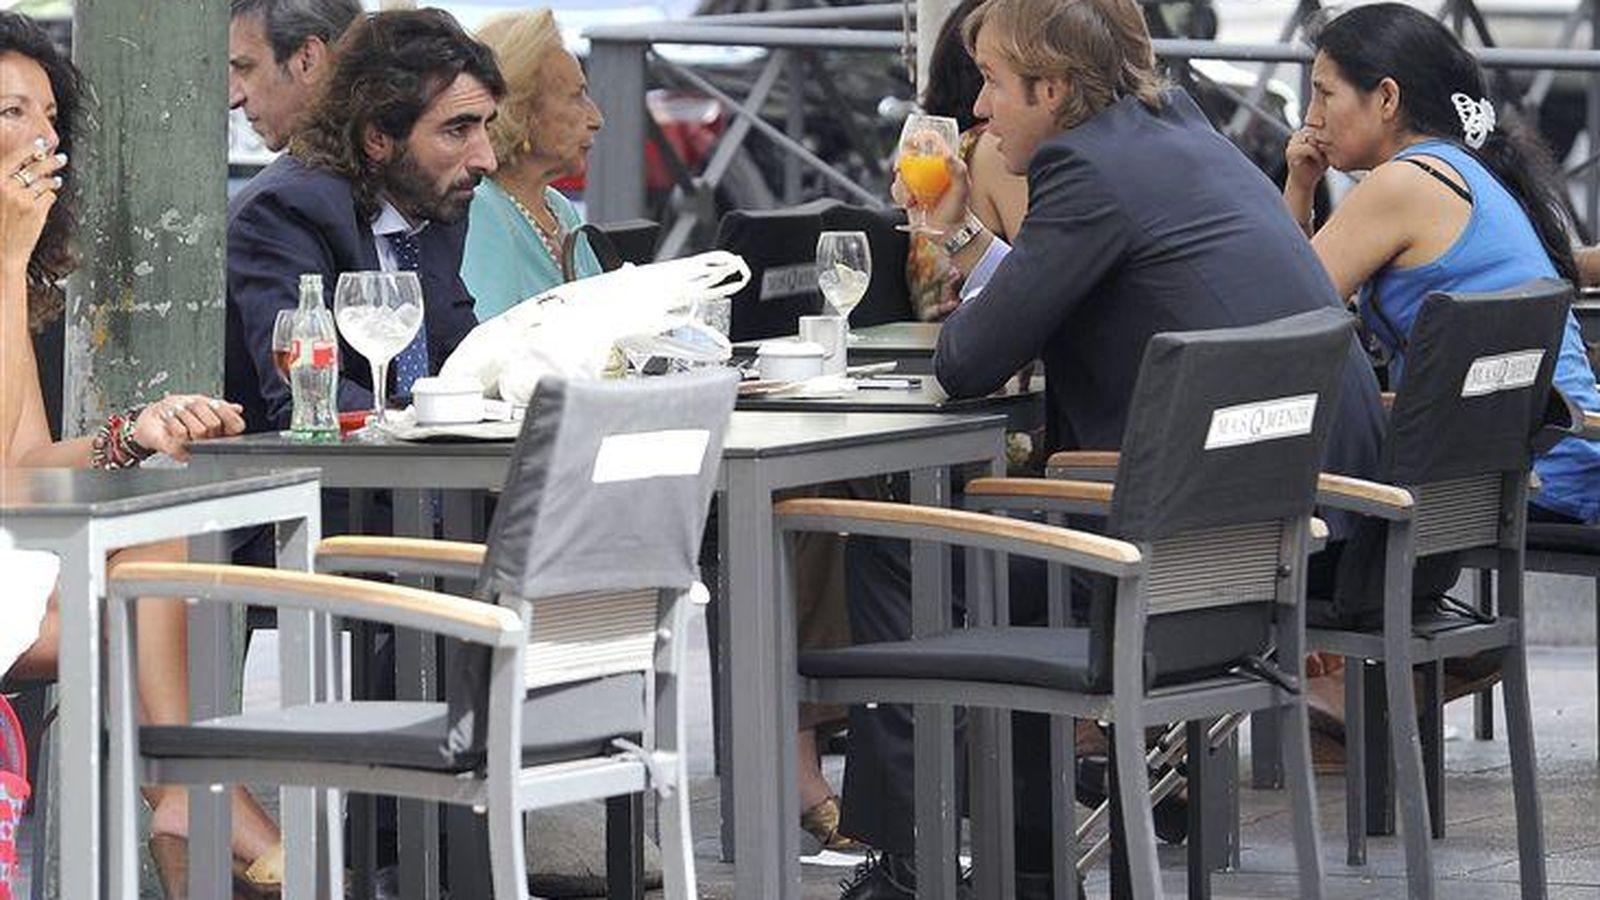 Foto: Los empresarios Javier Hidalgo y Rosauro Varo durante una reunión de negocios. (Gtres)